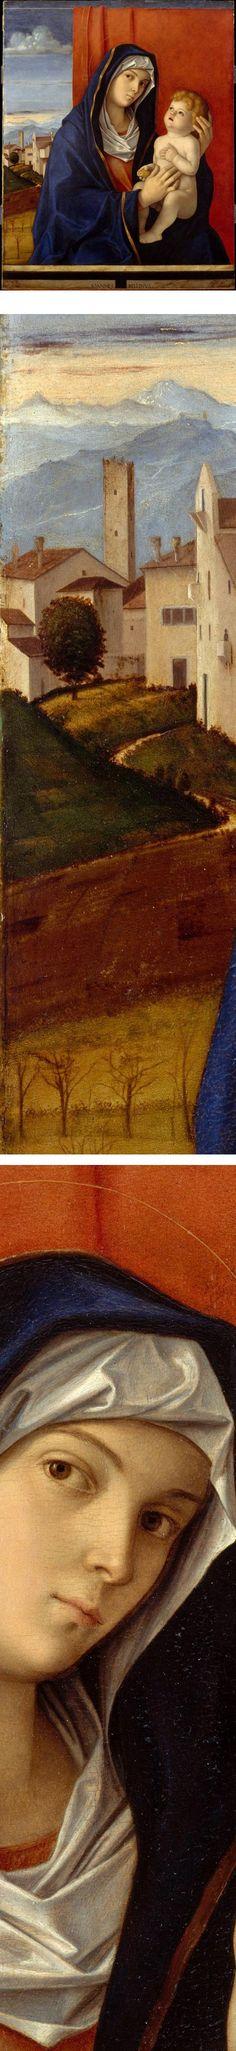 Madonna and Child, Giovanni Bellini